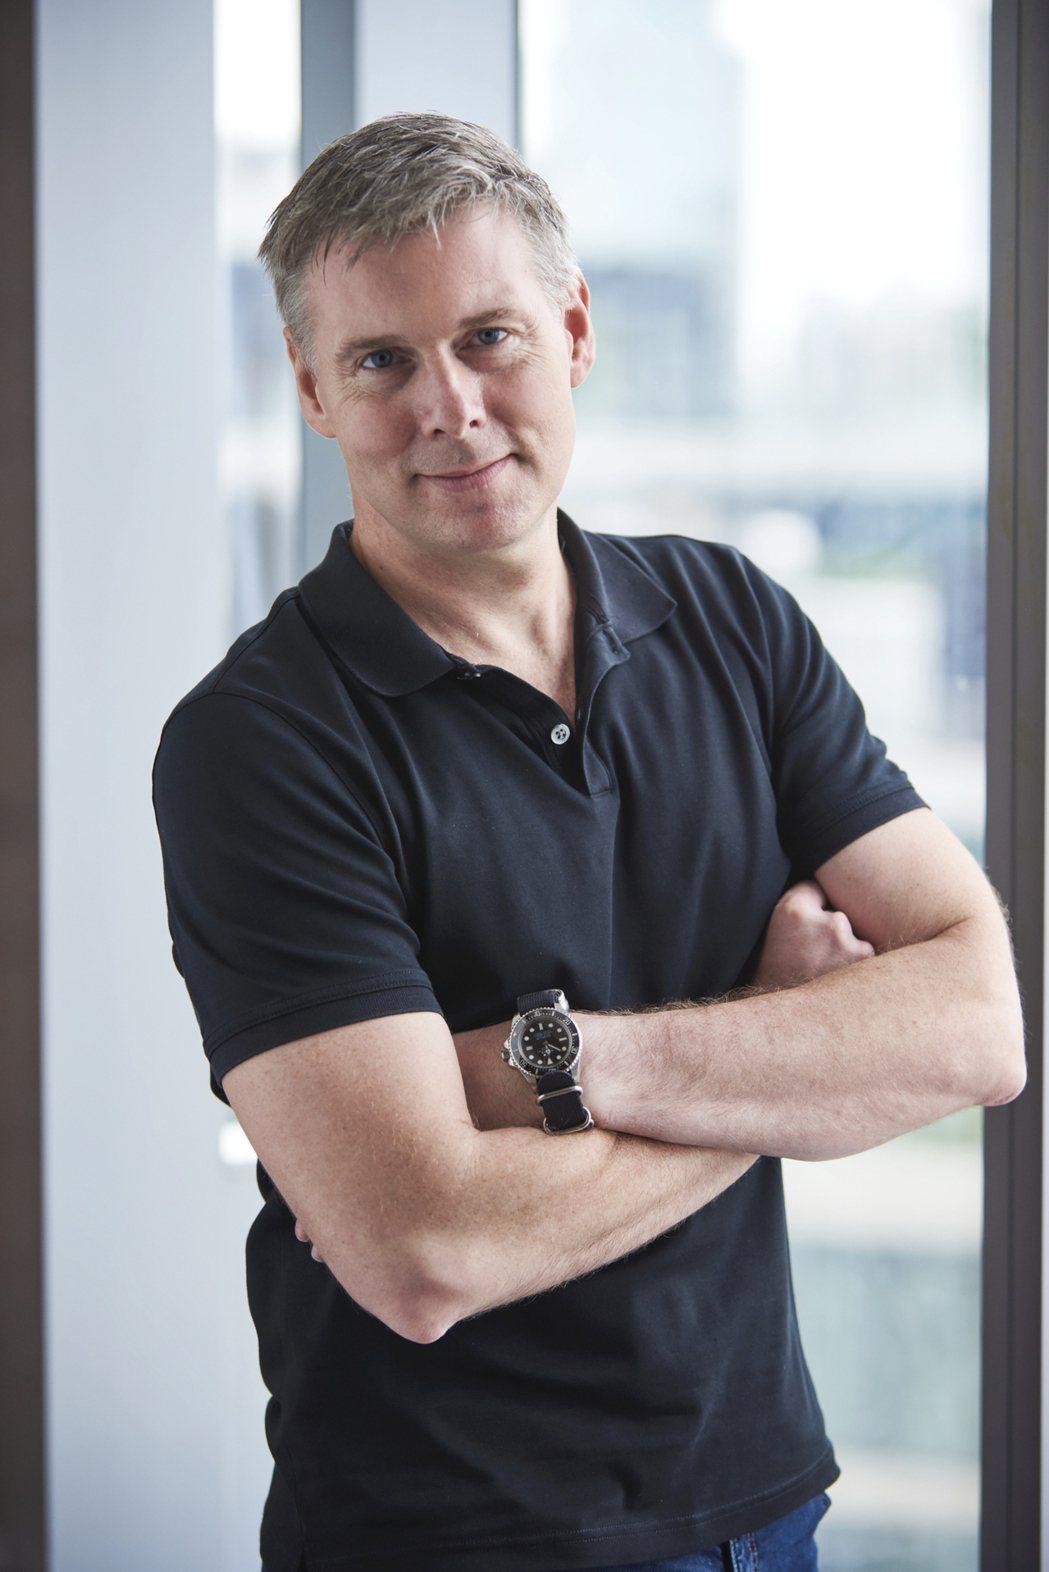 Agoda CEO John Brwon於2010年加入Agoda,任職期間負責...